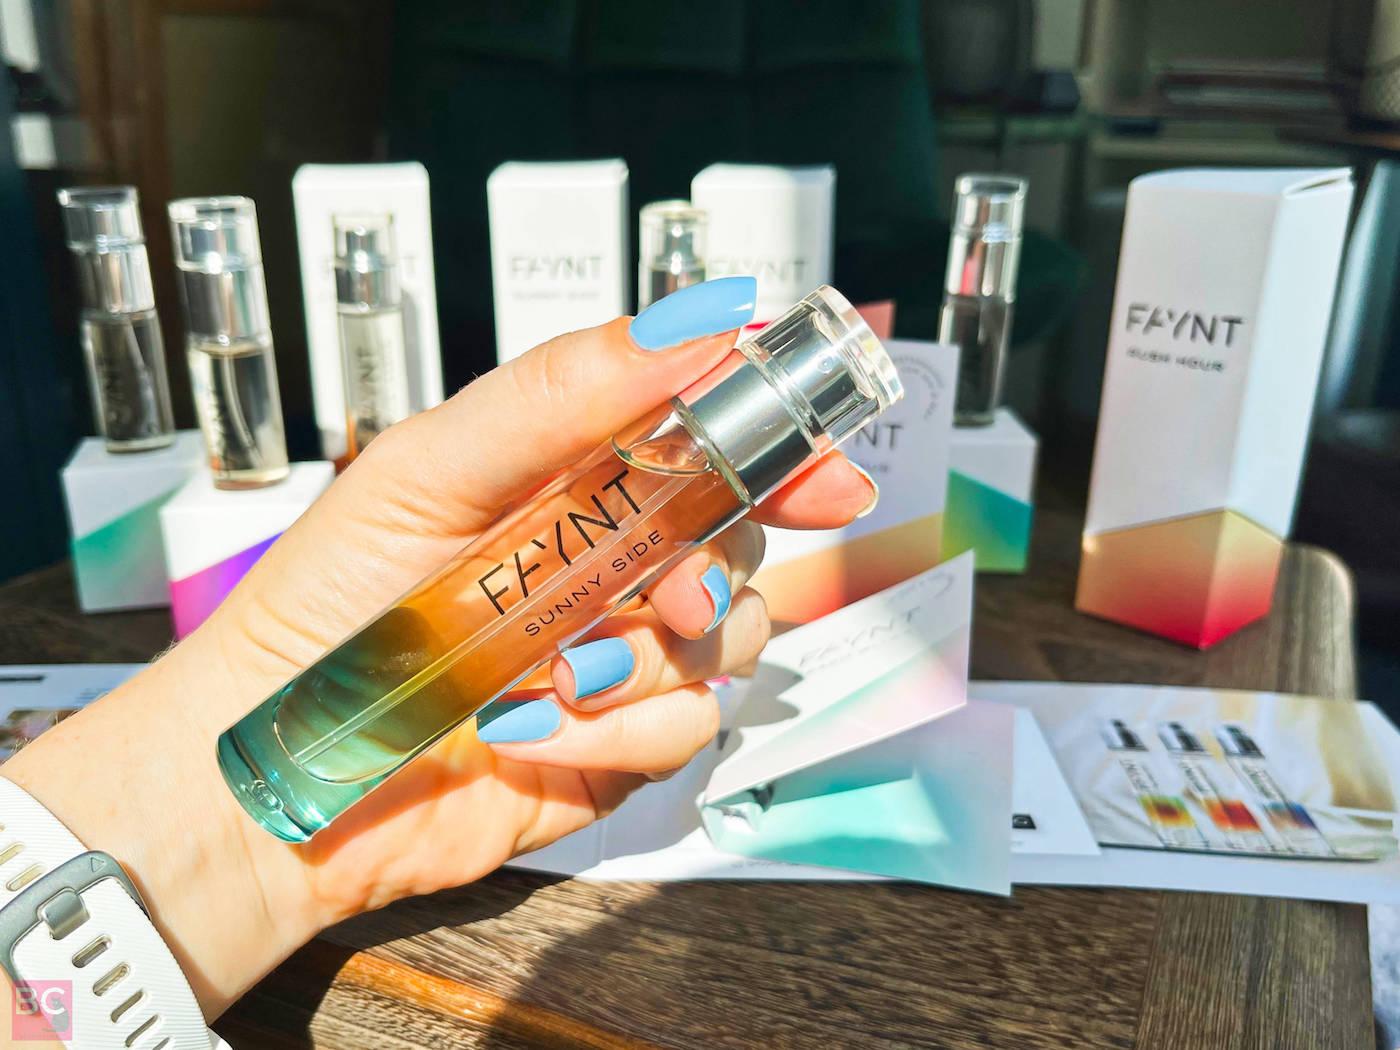 FAYNT SUNNY SIDE Erfahrungen Parfüm Duft Bewertung